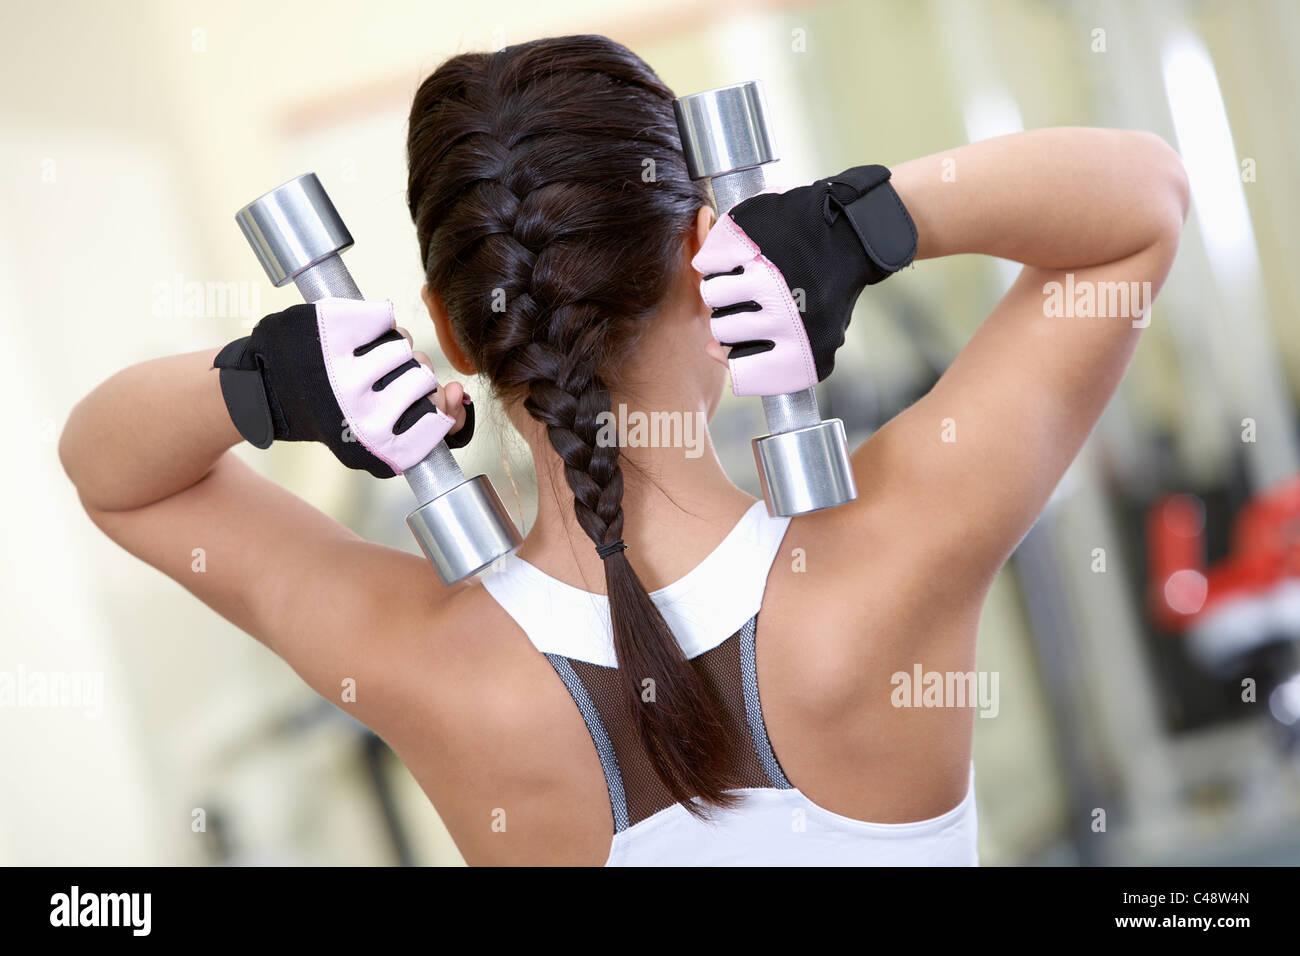 Vue arrière des jeunes filles faisant des exercices avec haltères in gym Photo Stock